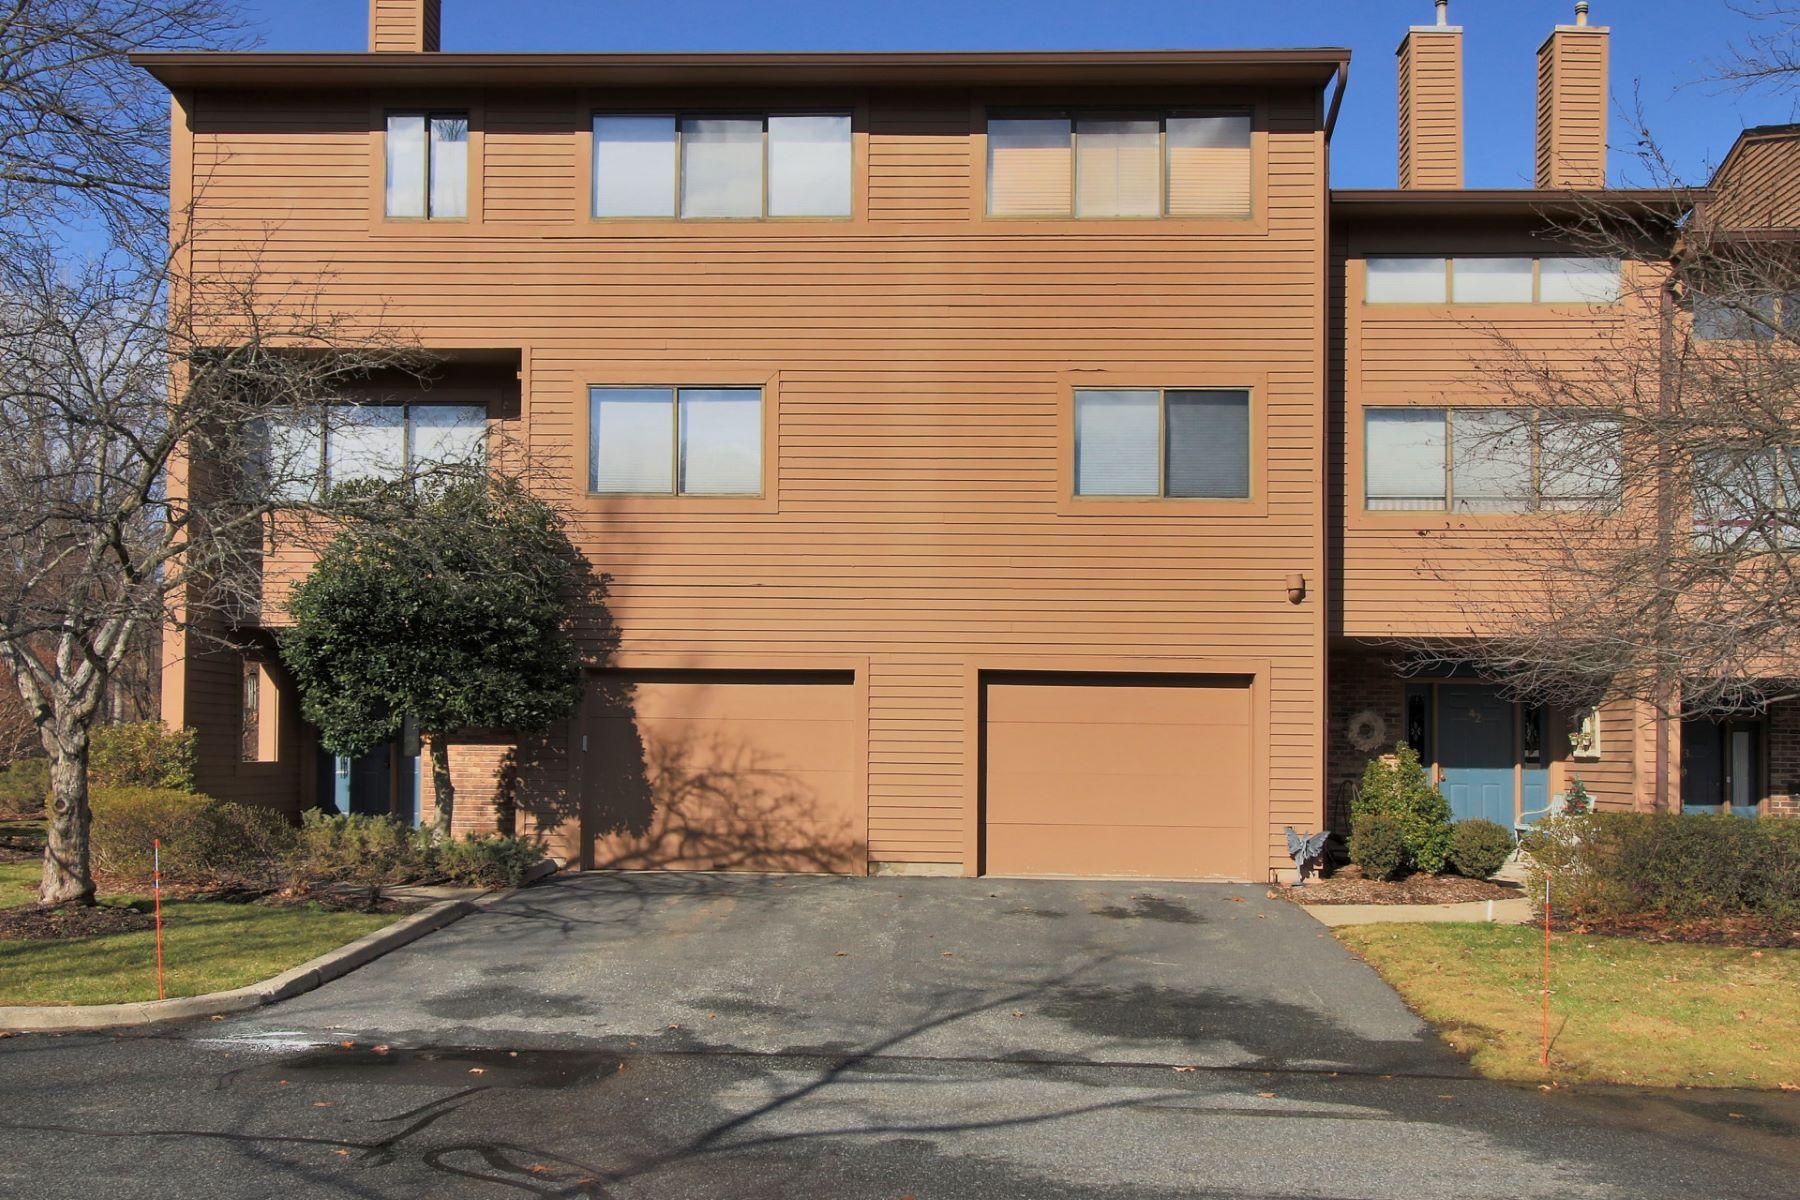 联栋屋 为 销售 在 Well Maintained End Unit 41 Lexington Court Washington Commons Township Of Washington, 新泽西州 07676 美国